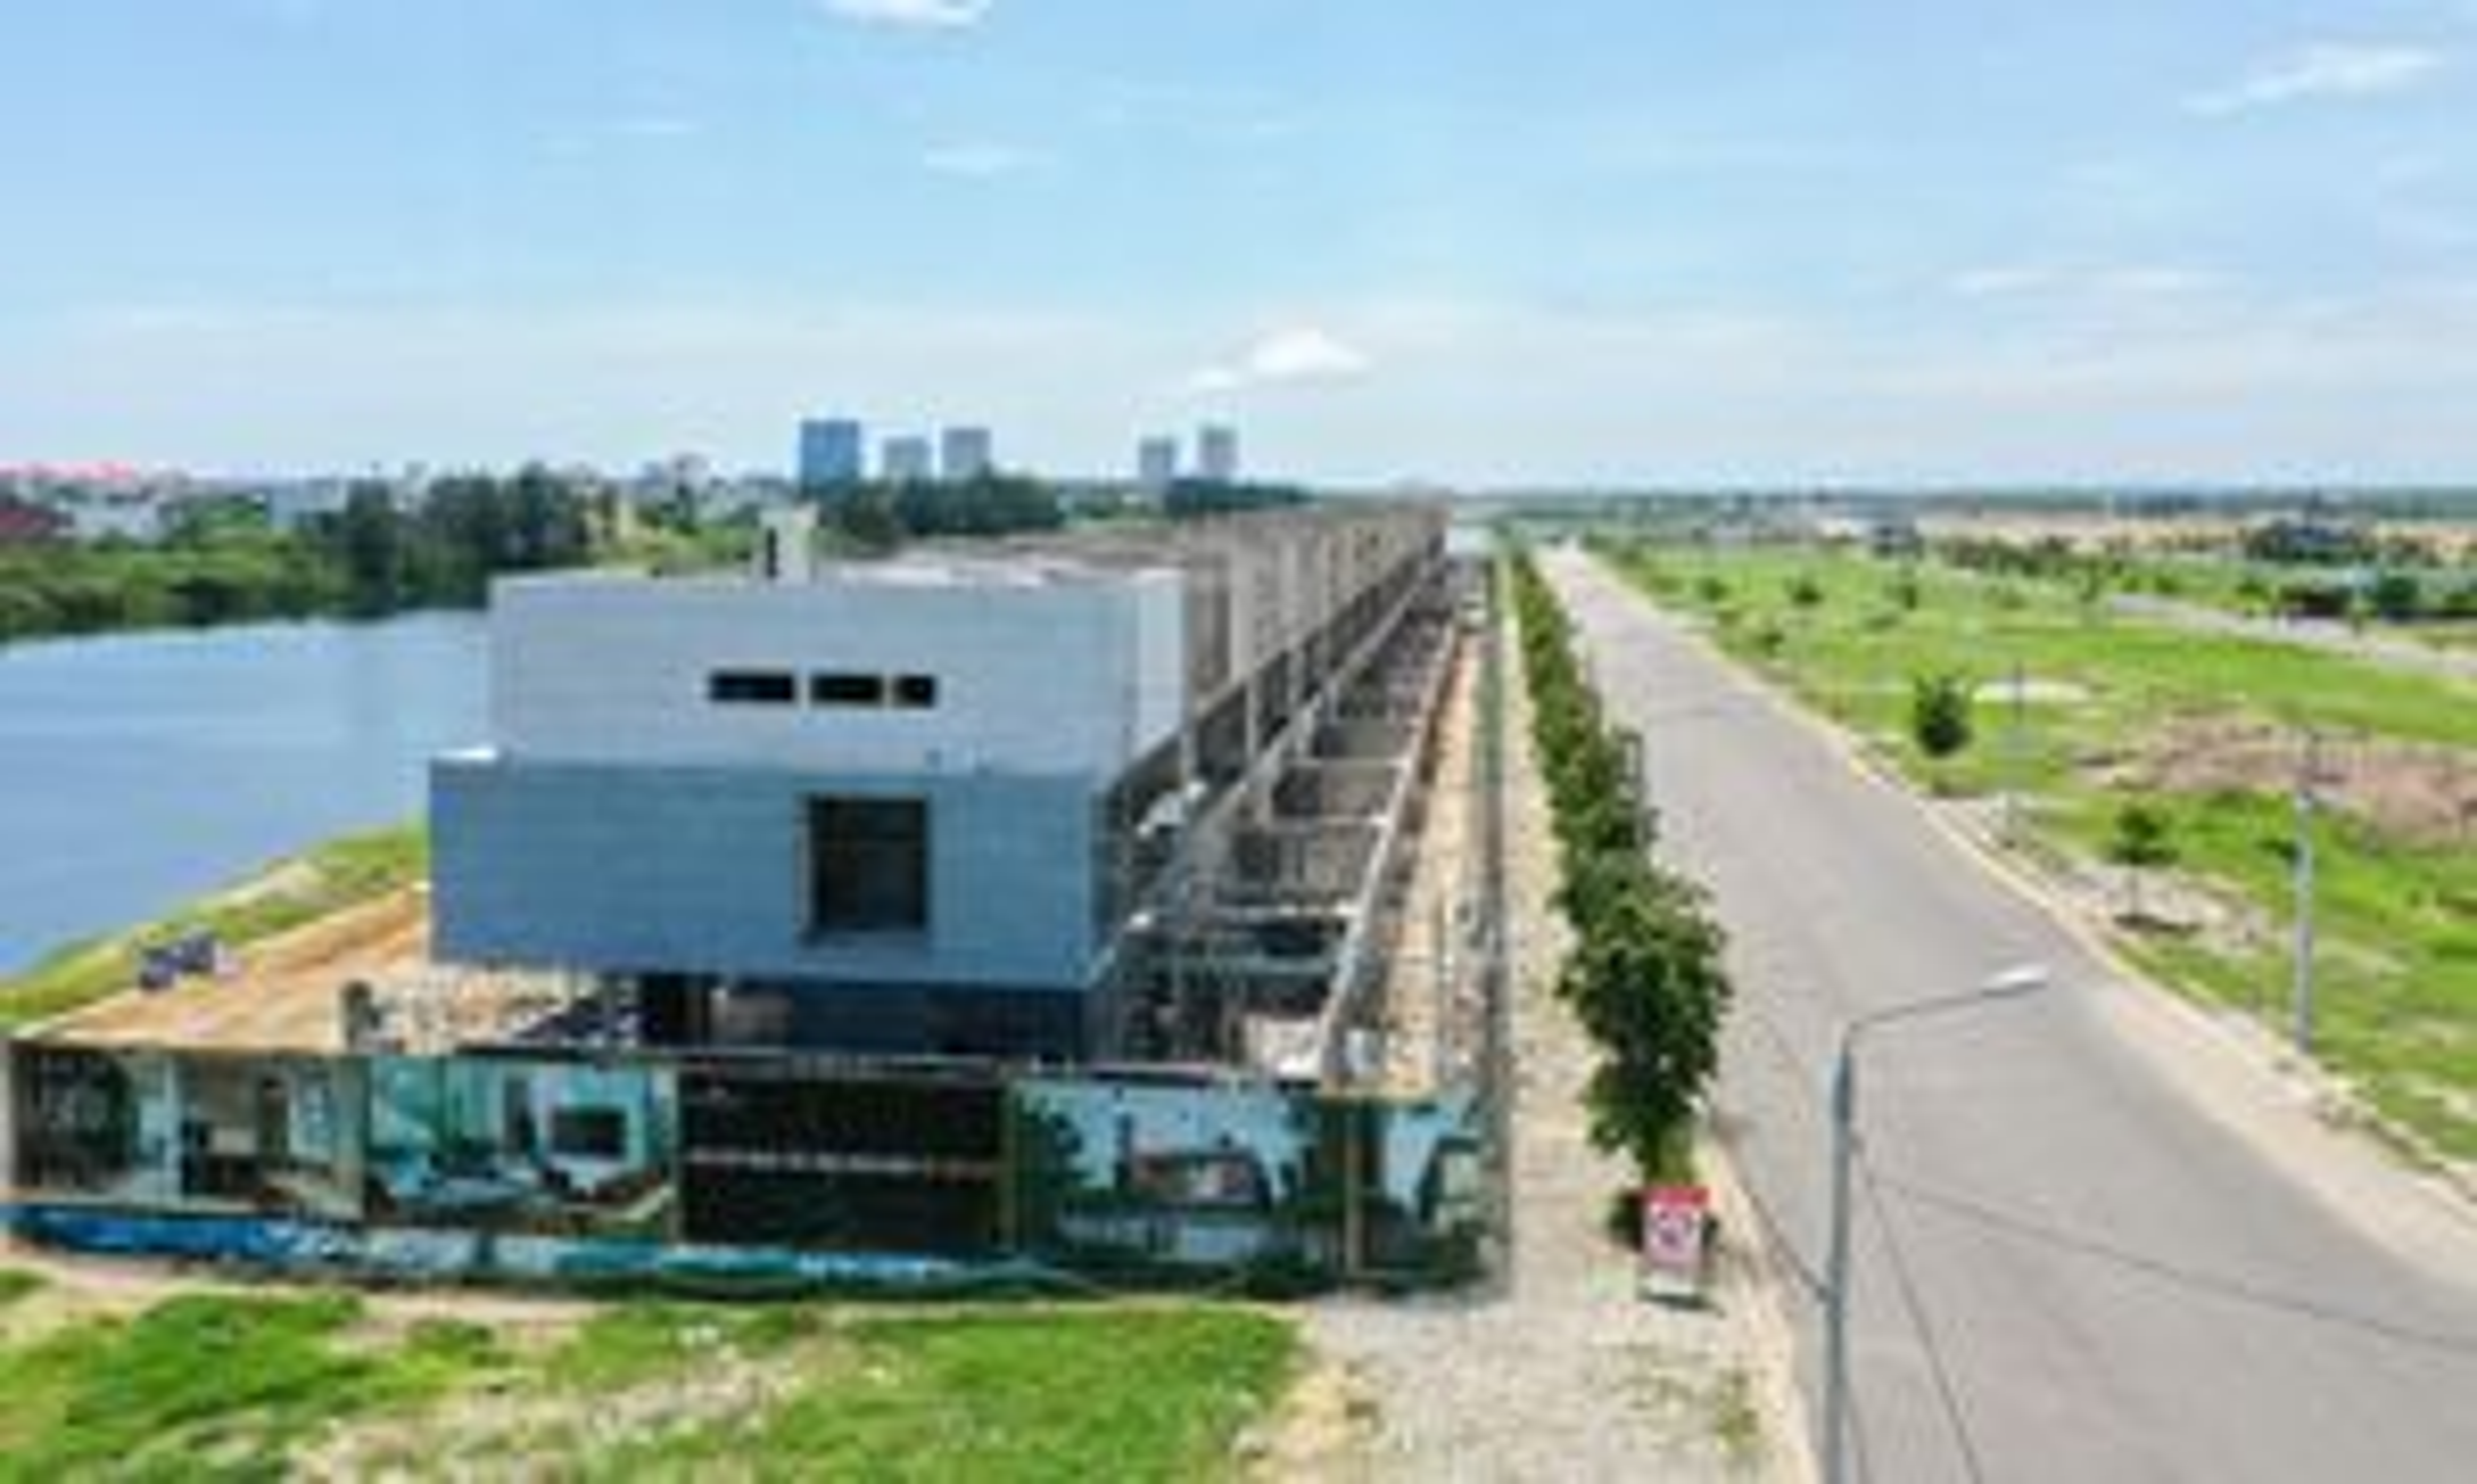 Tạm dừng xây dựng loạt căn biệt thự, Đất Xanh Miền Trung điều chỉnh giấy phép